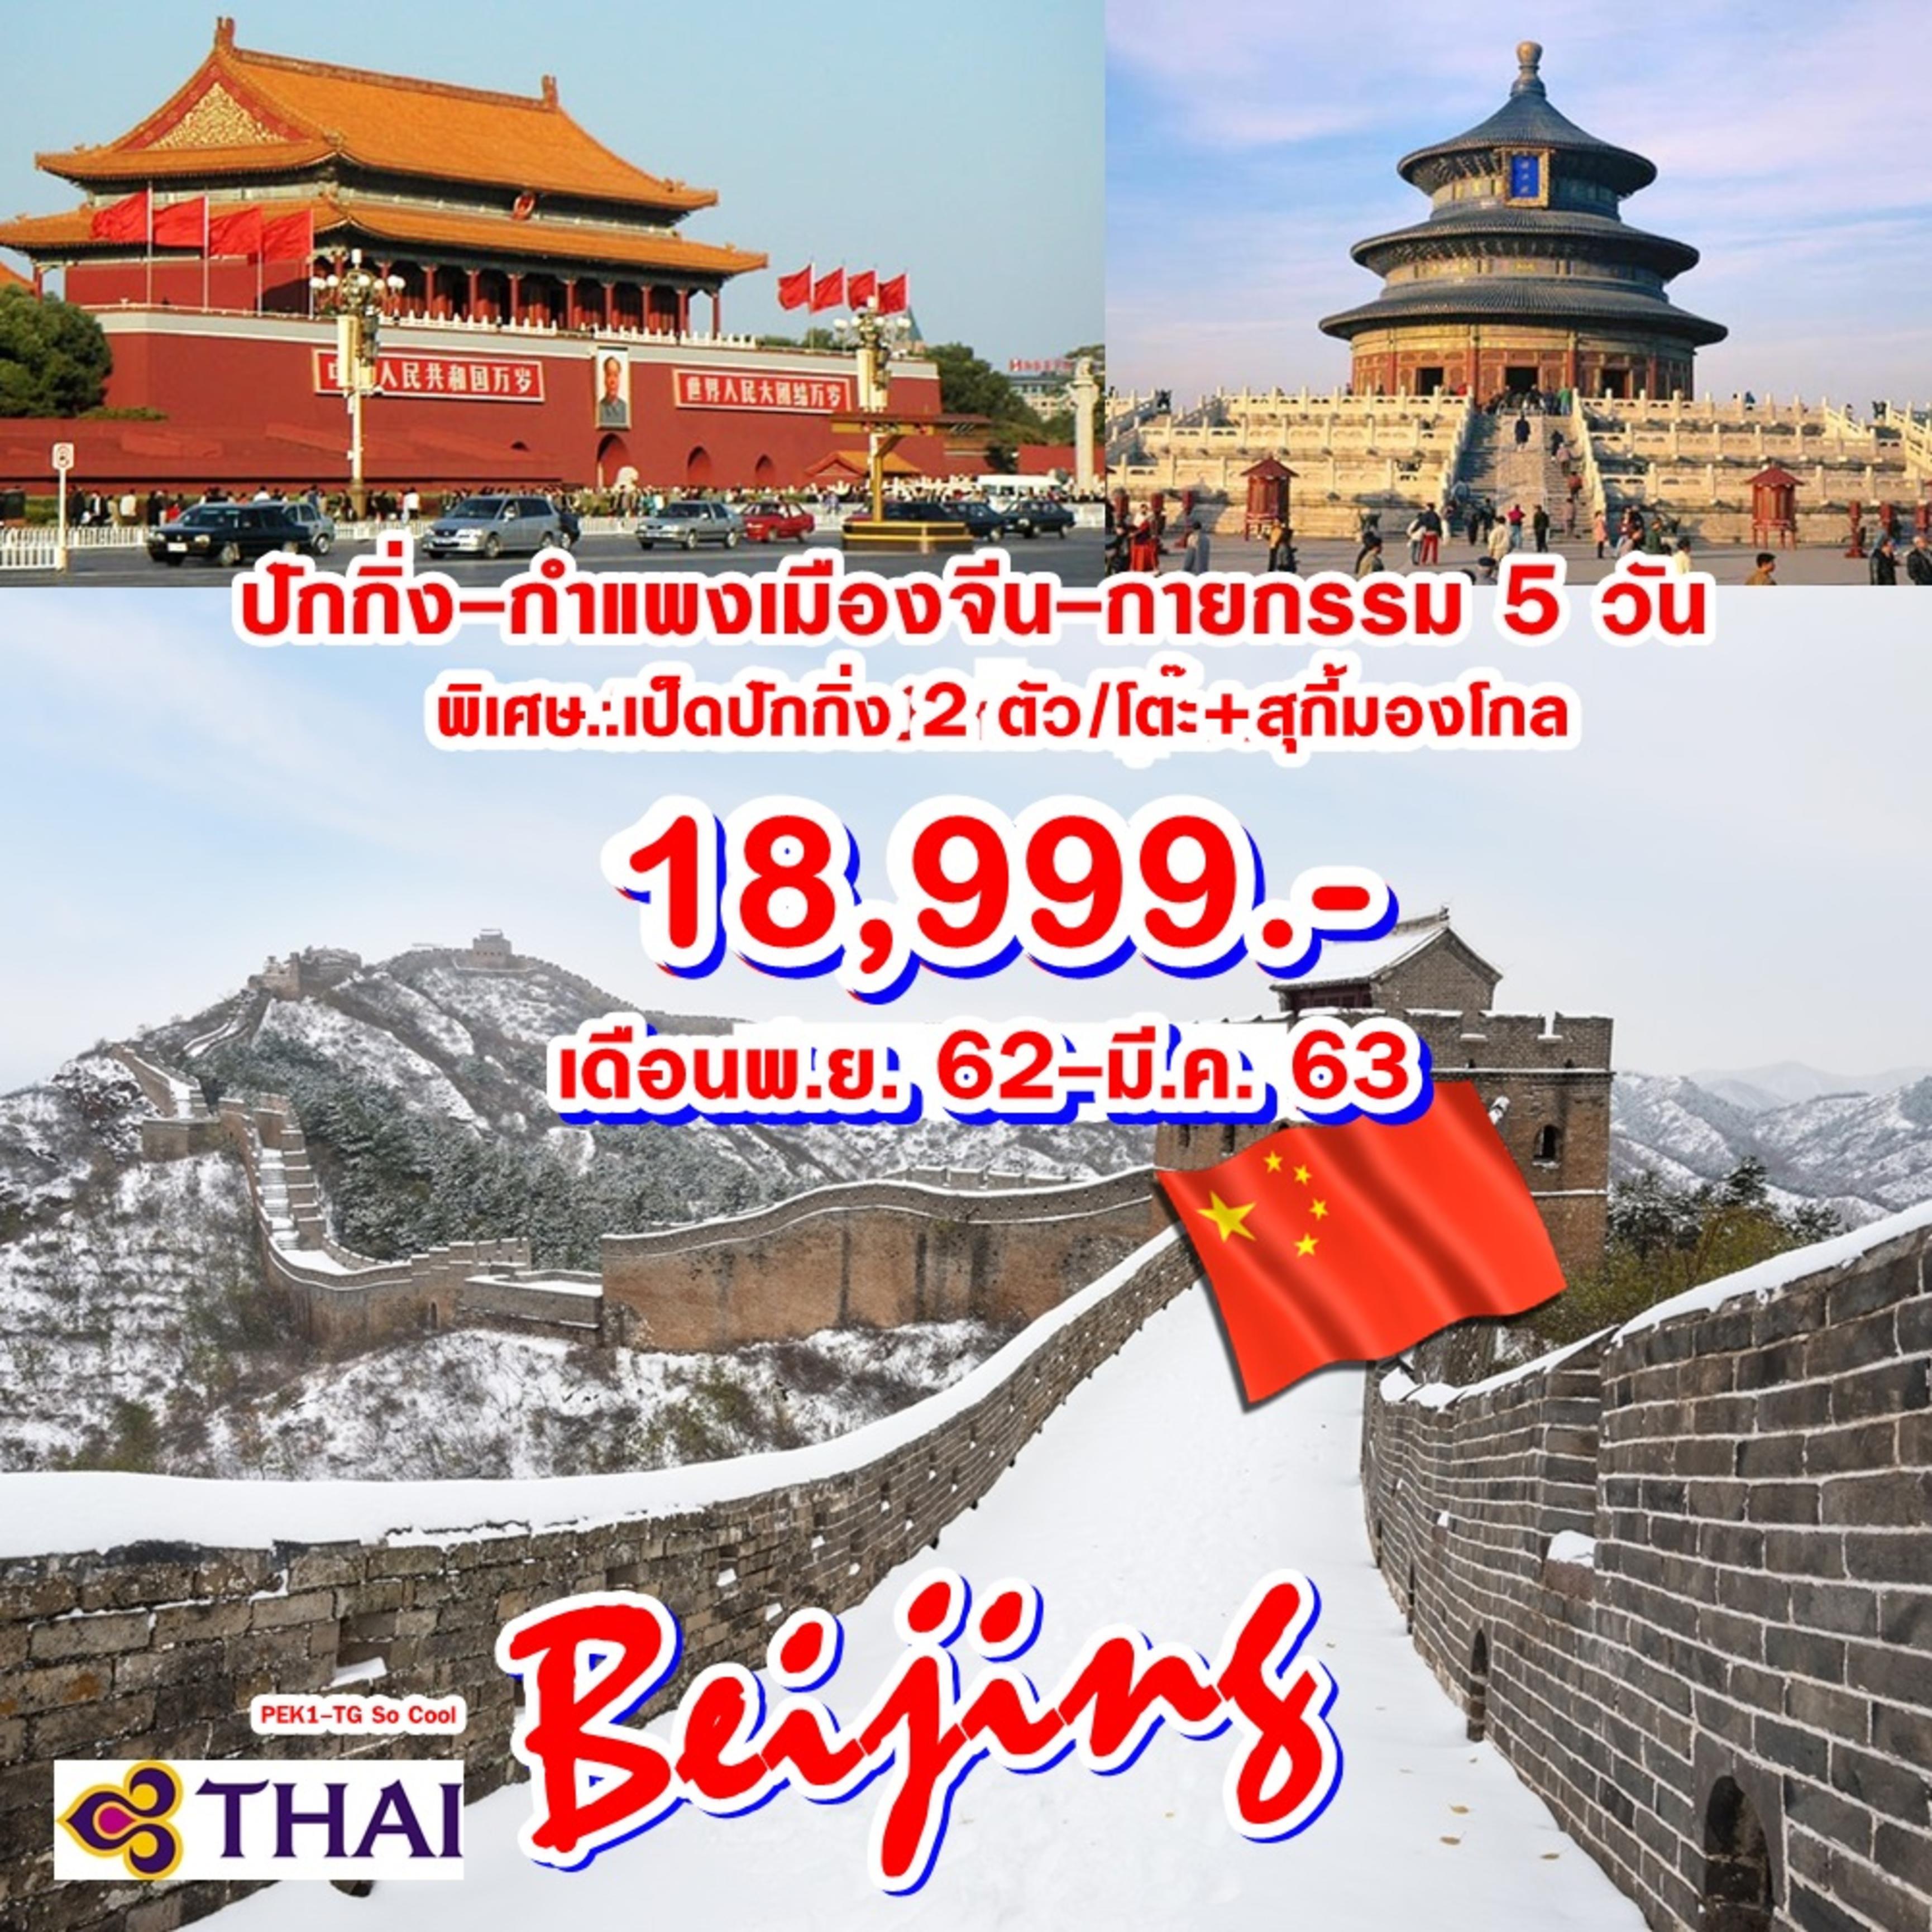 PEK1-TG SO COOL ปักกิ่ง-กำแพงเมืองจีน-กายกรรม 5 วัน 3 คืน